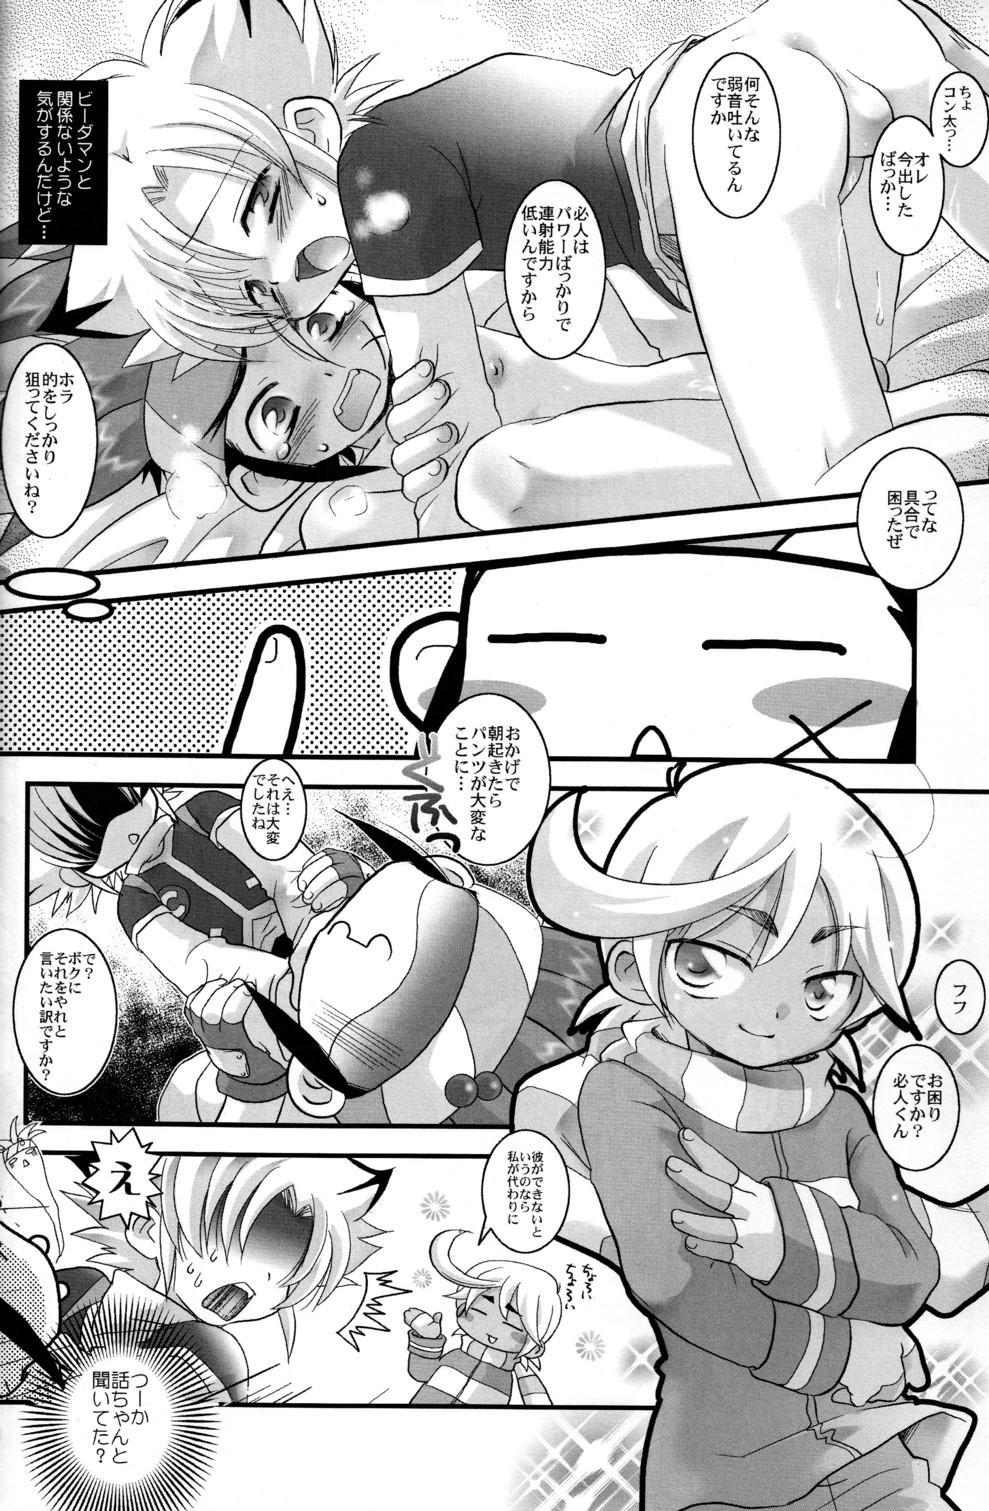 Baka no Shojo 23